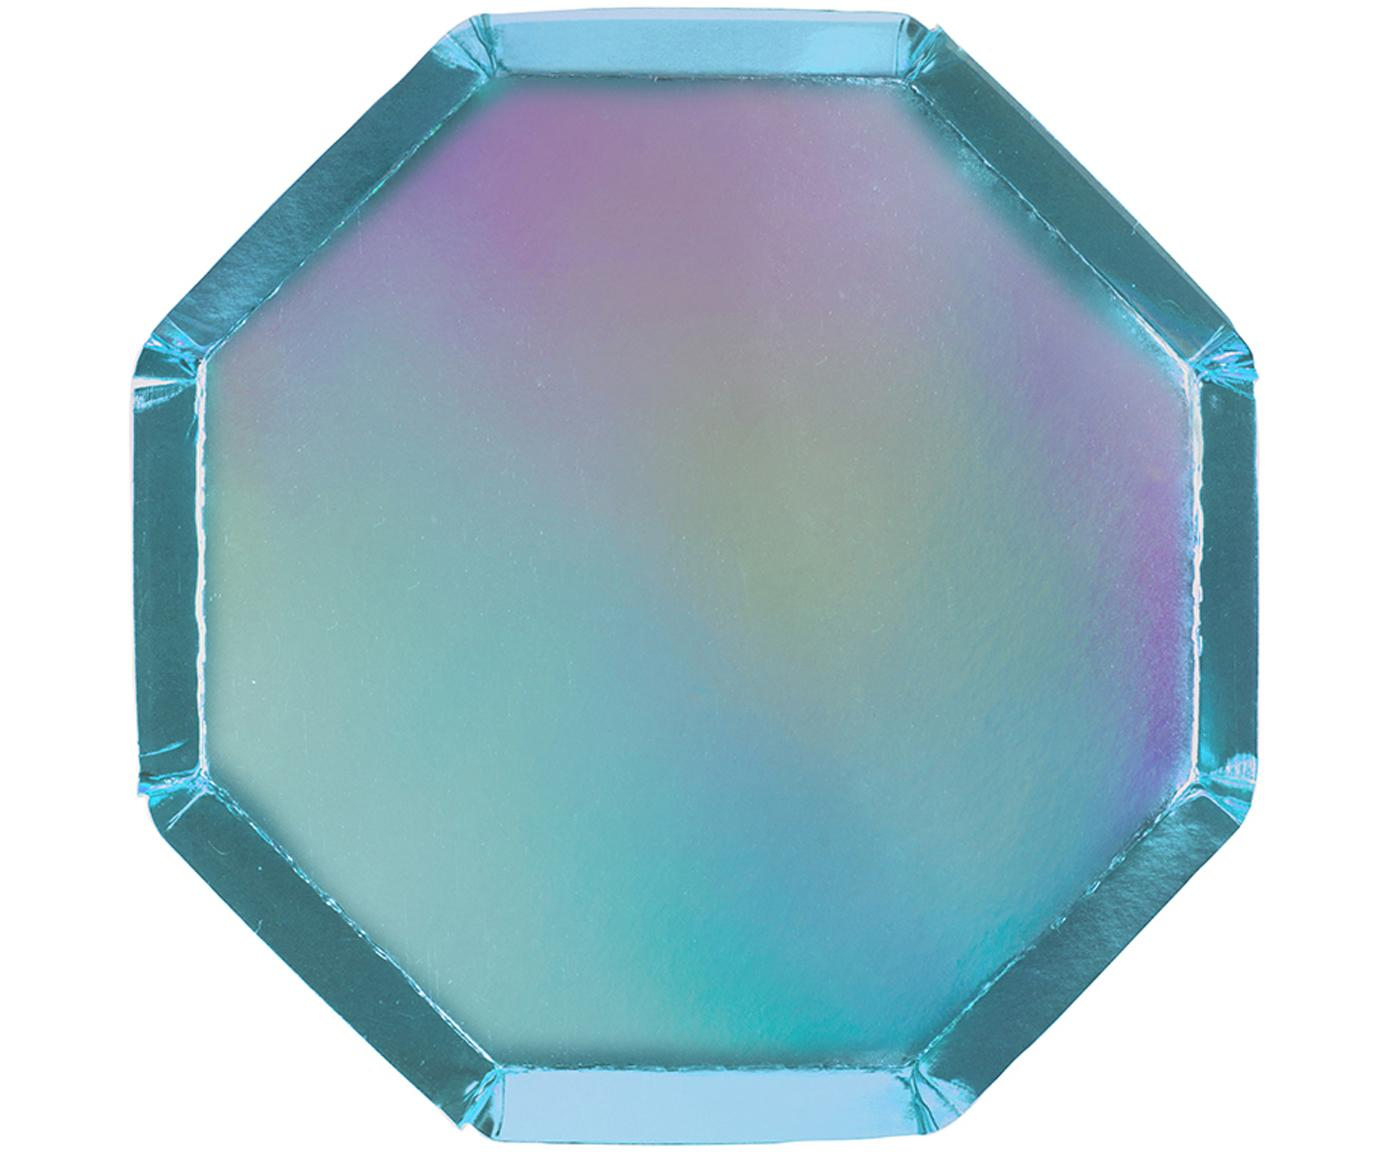 Piatto di carta Metallic, 8 pz., Carta, sventato, Blu, Ø 20 x Alt. 1 cm